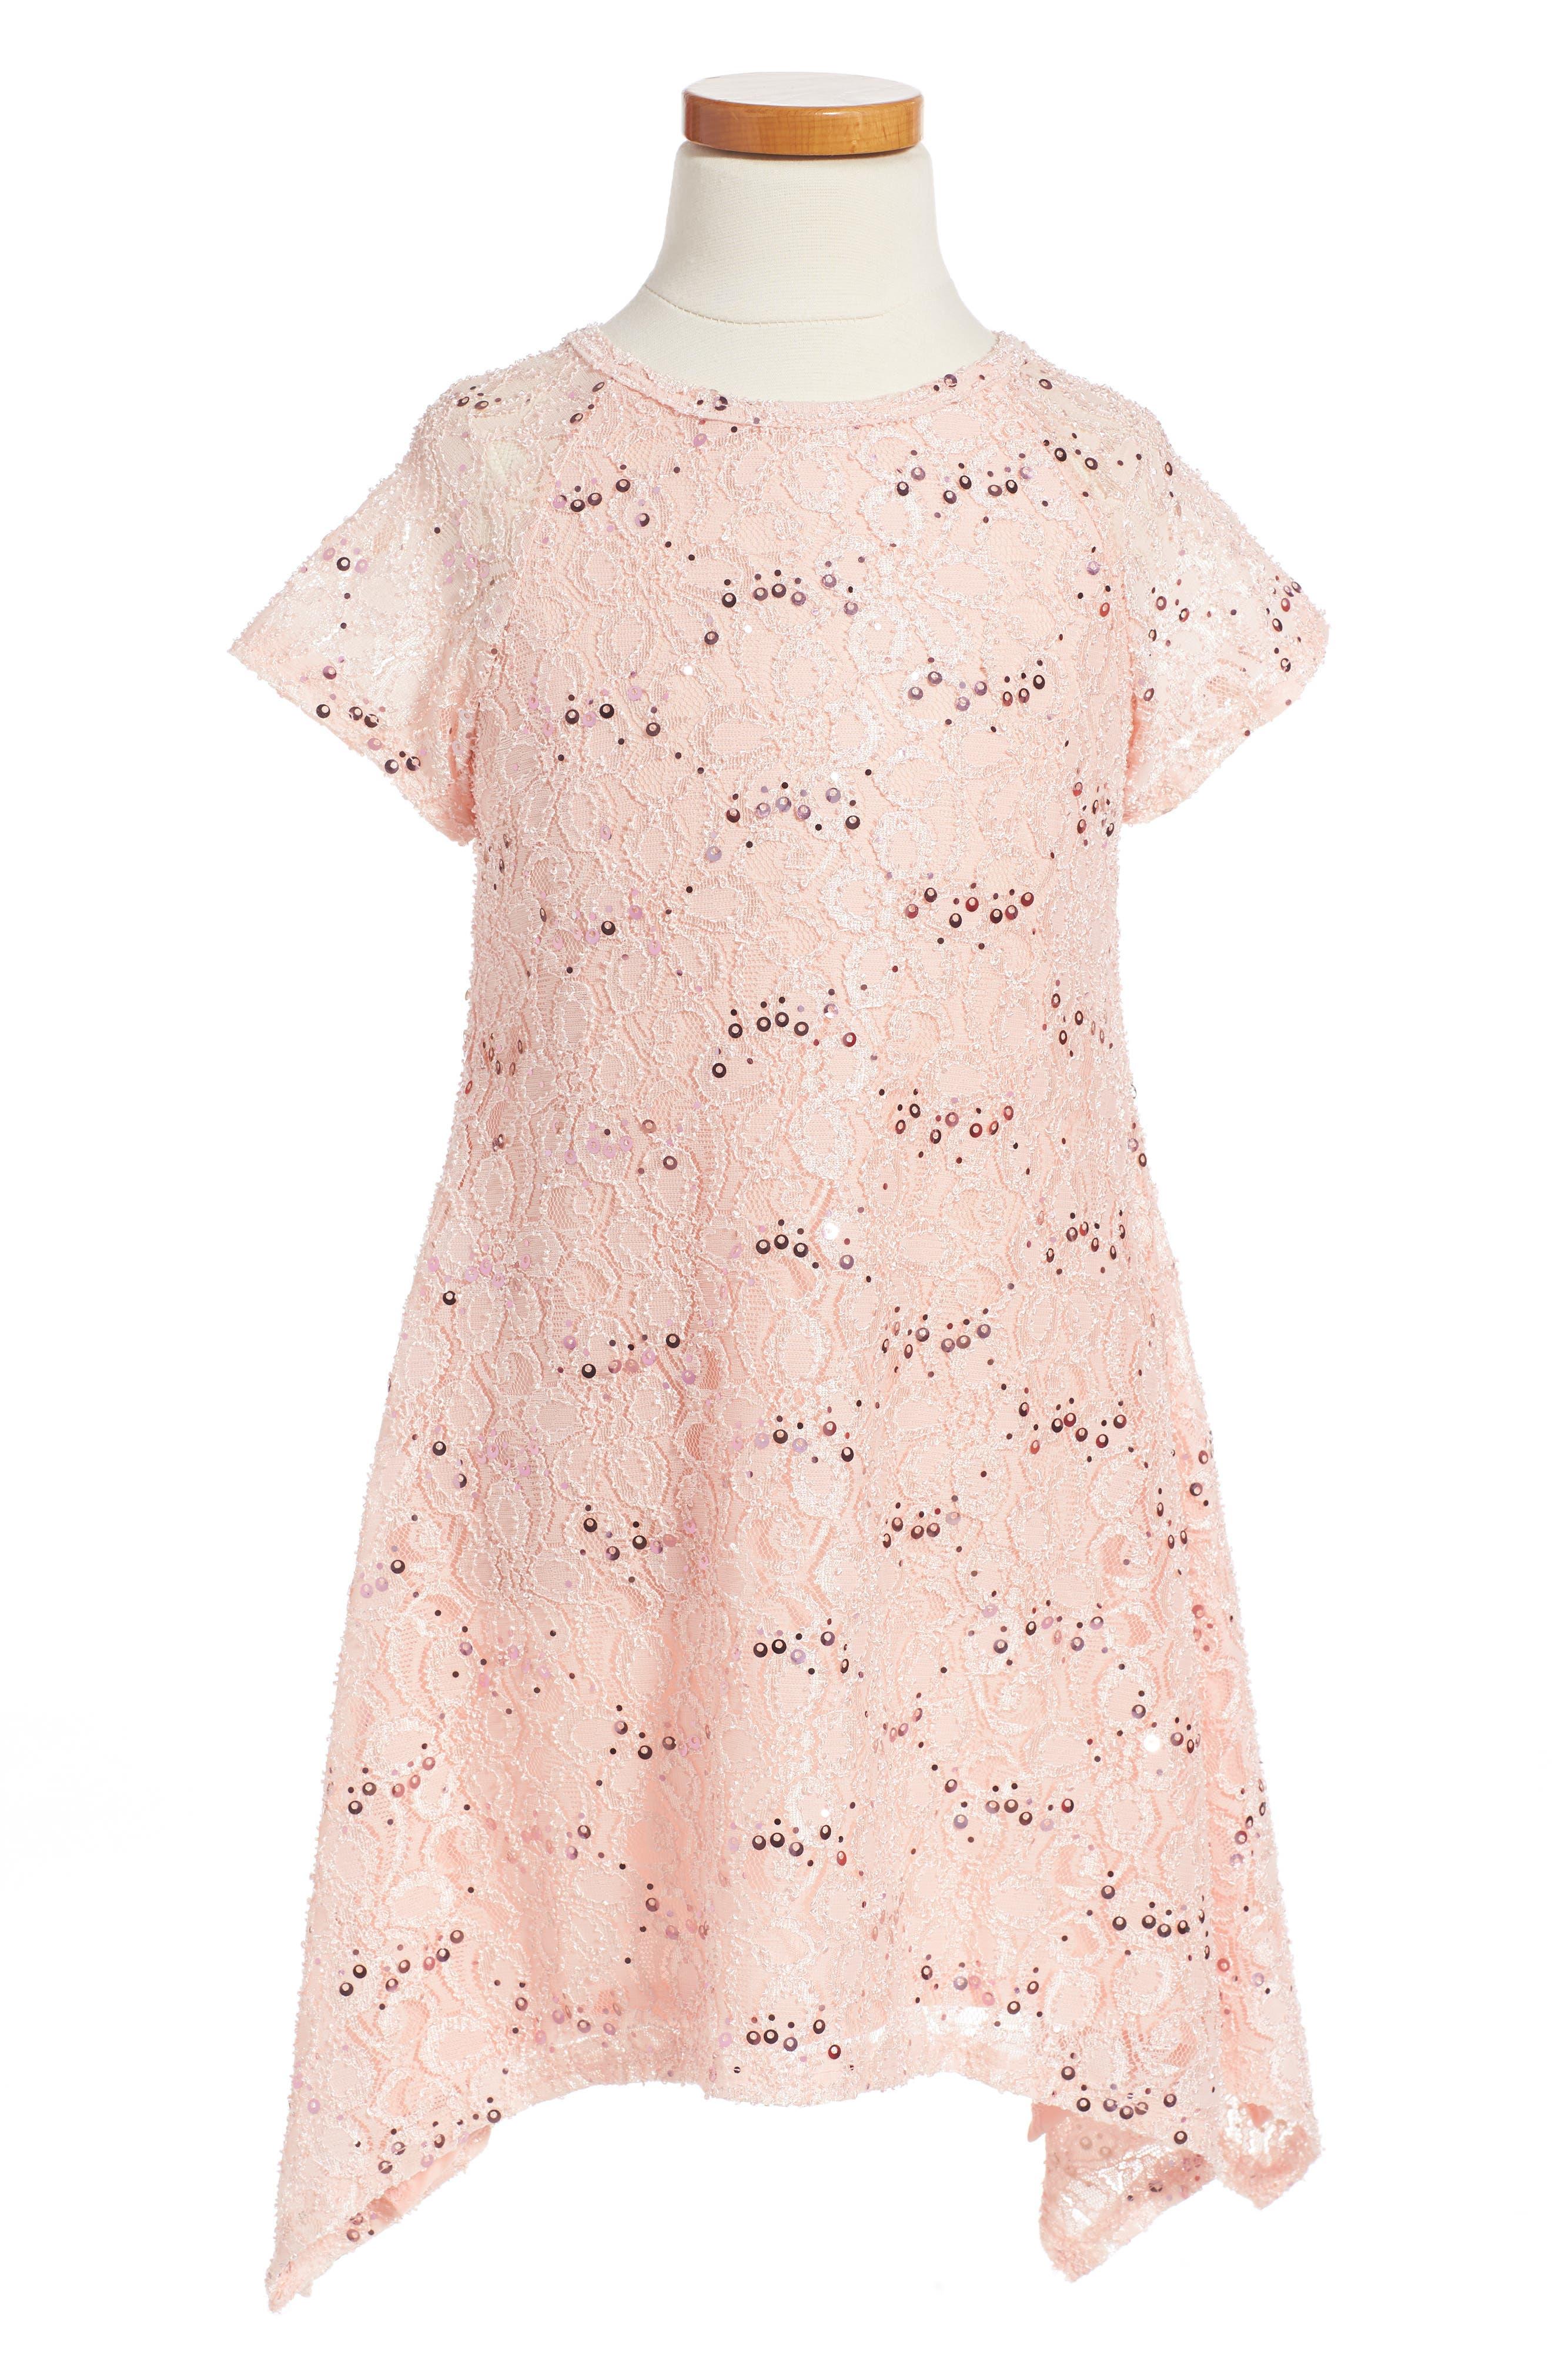 Lace Sequin Dress,                             Main thumbnail 1, color,                             683